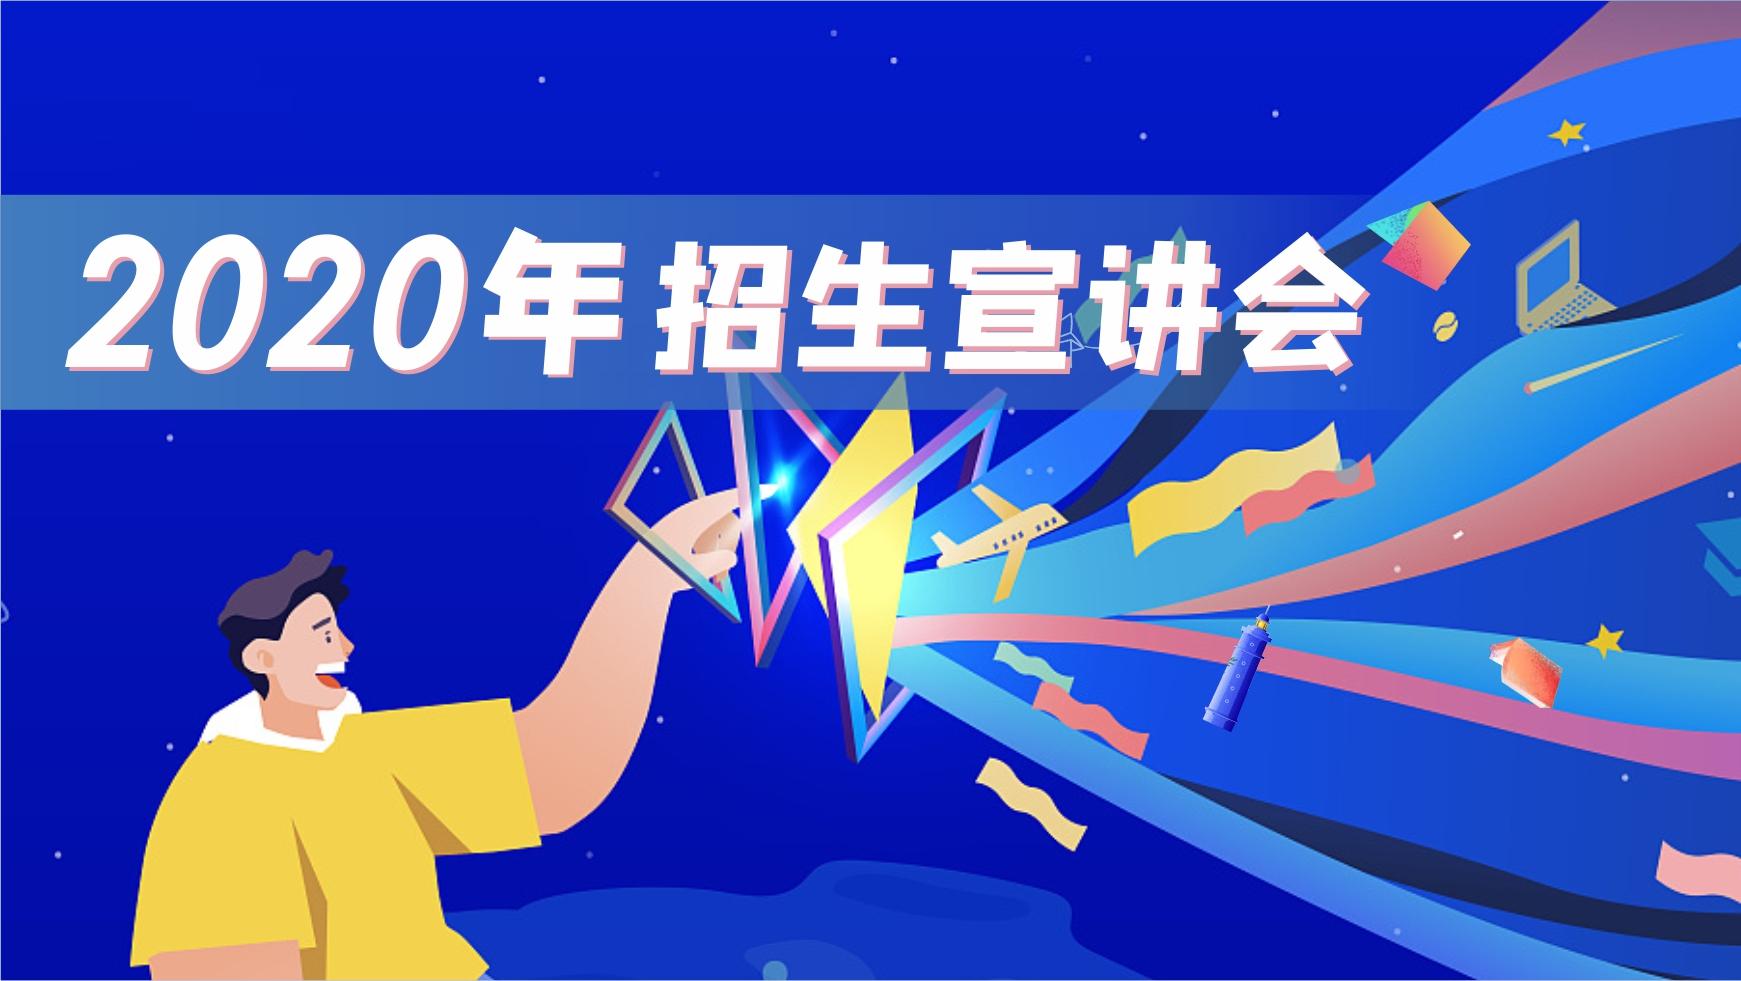 2020高考咨询会—天津专场